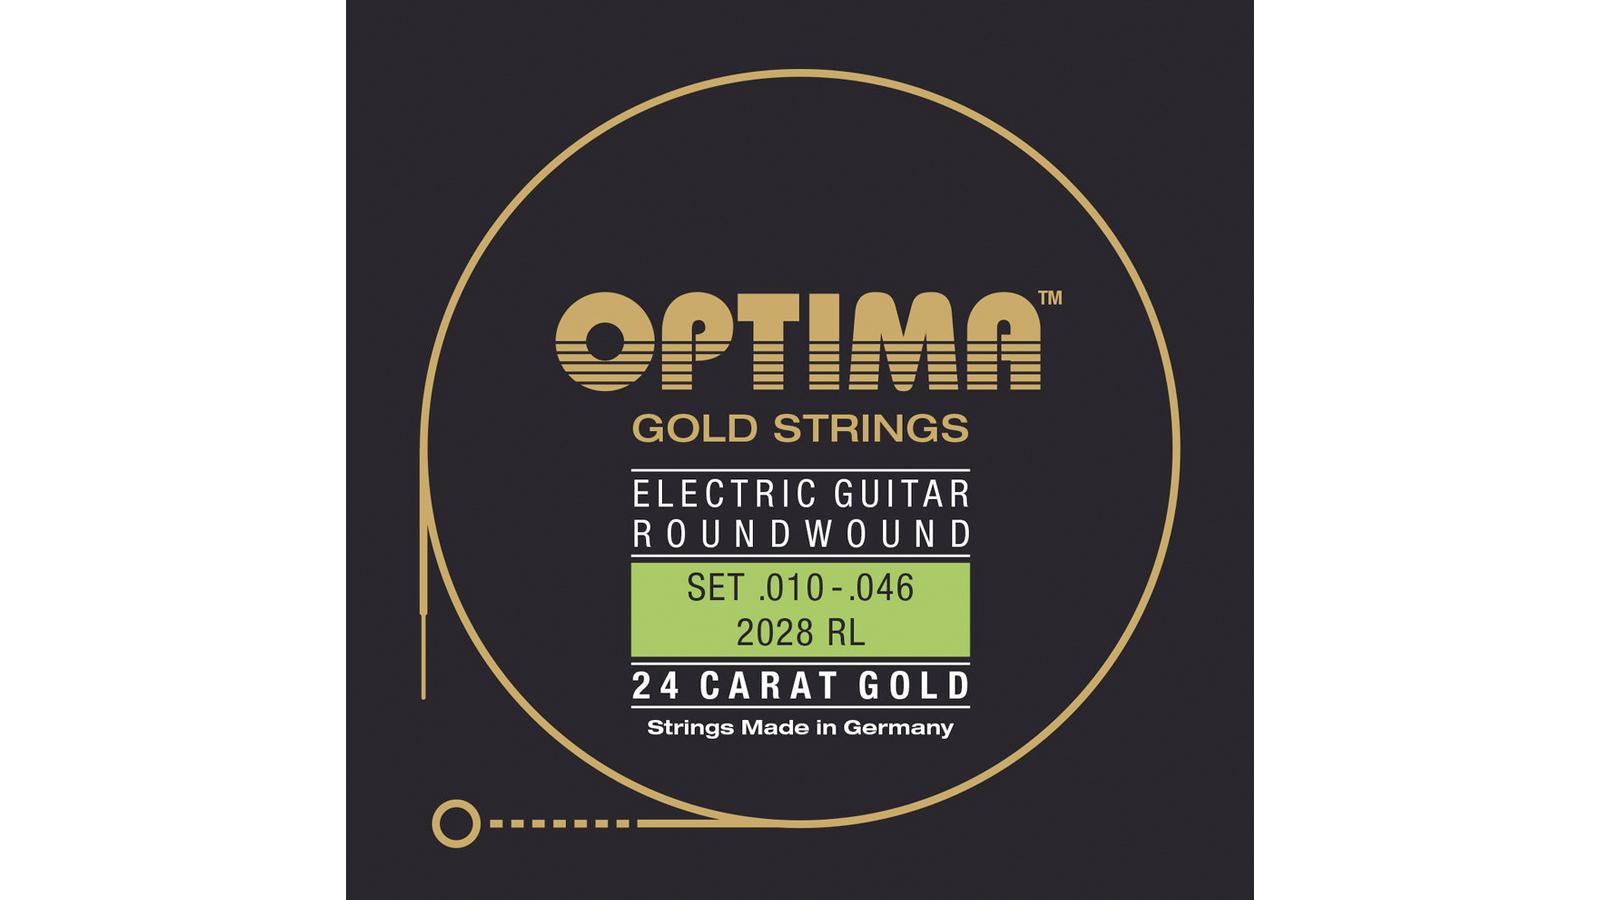 Optima 2028 RL Gold Strings 010-046